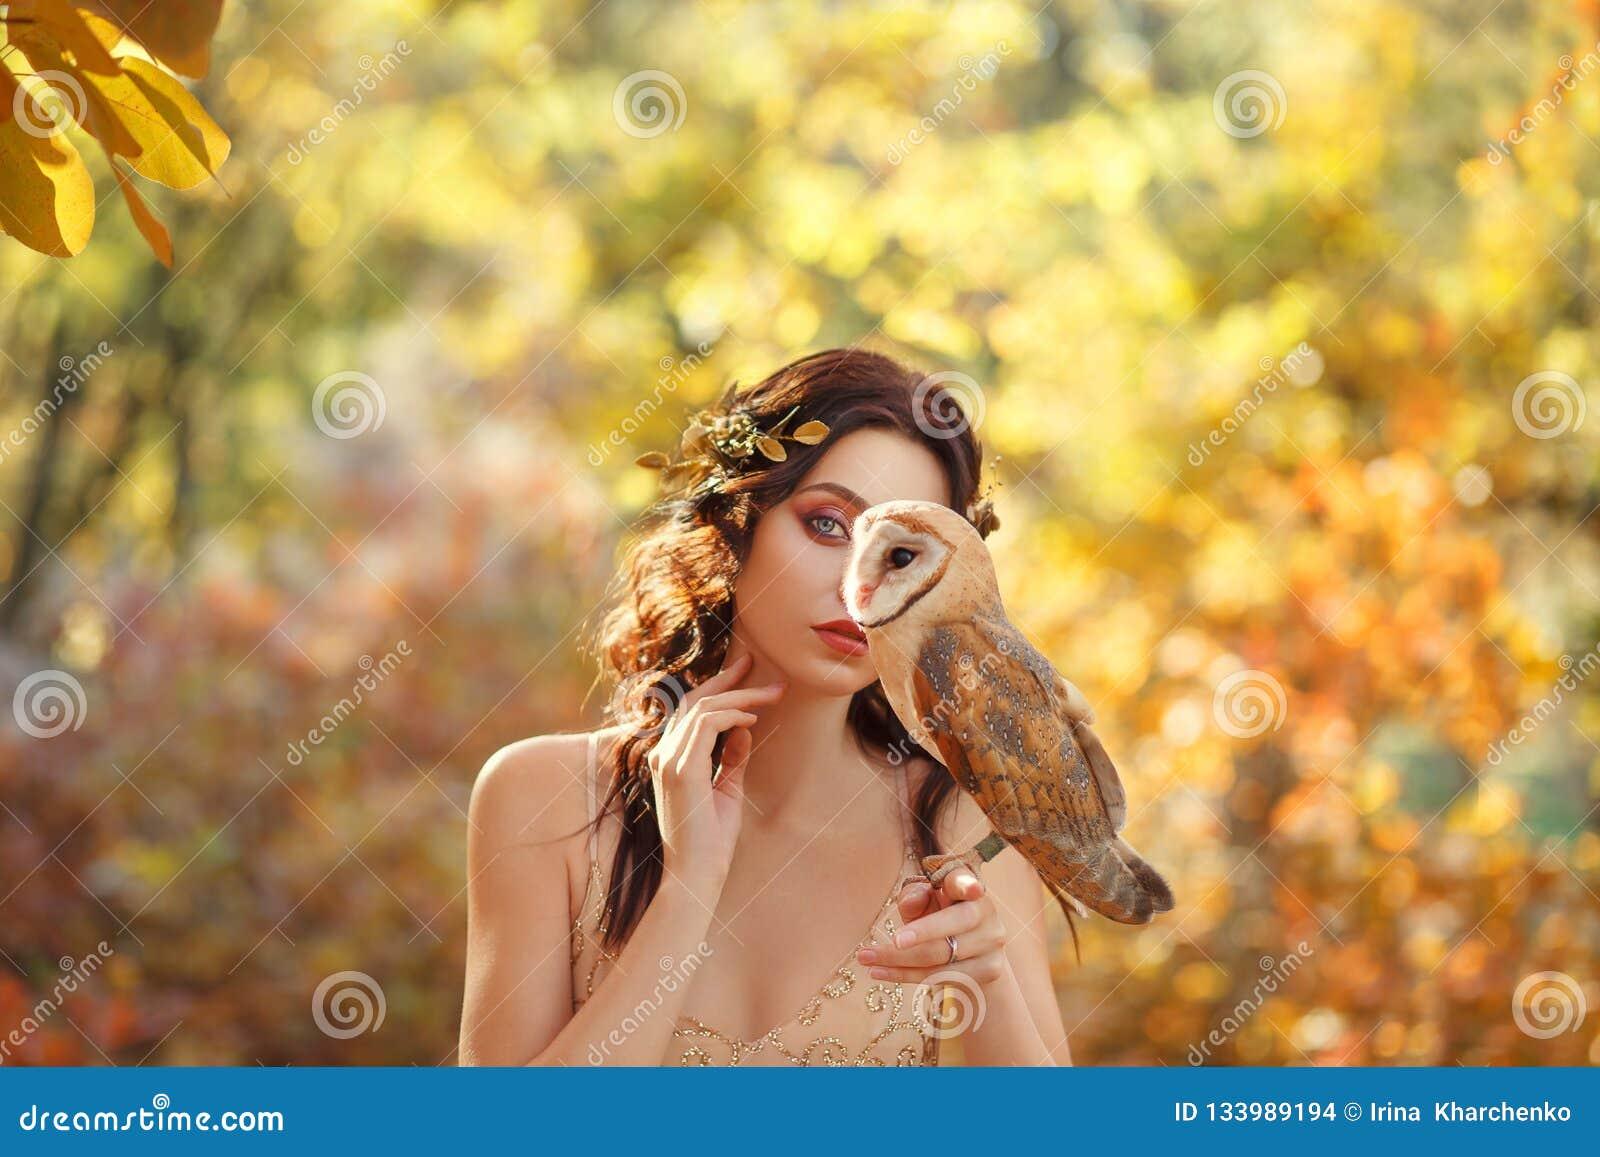 Het geheimzinnige meisje verbergt een deel van gezicht achter uilzitting op de vinger van een donker-haired aantrekkelijke dame,